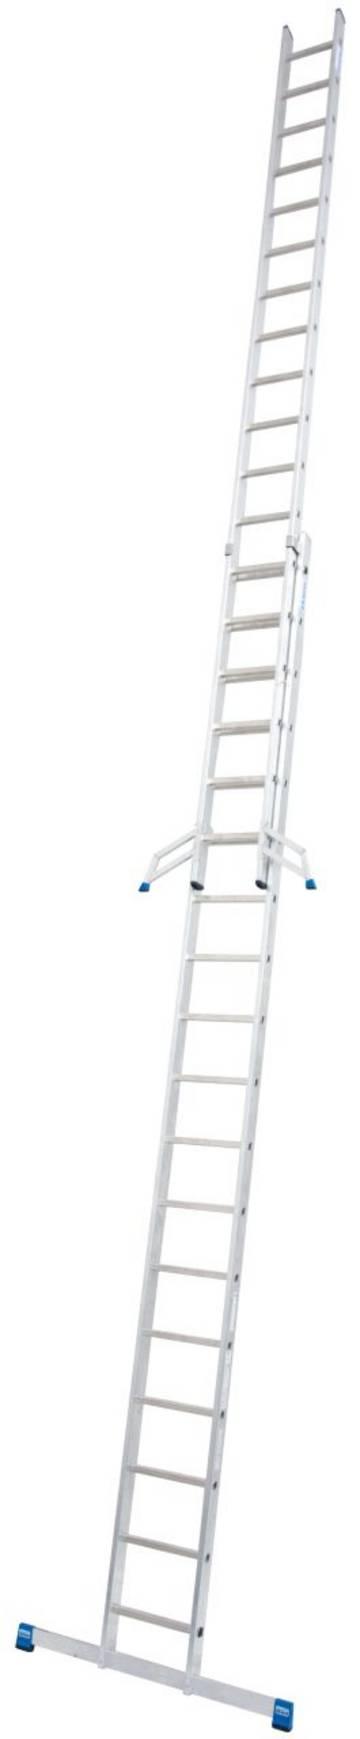 Двухсекционная лестница для профессионального использования.